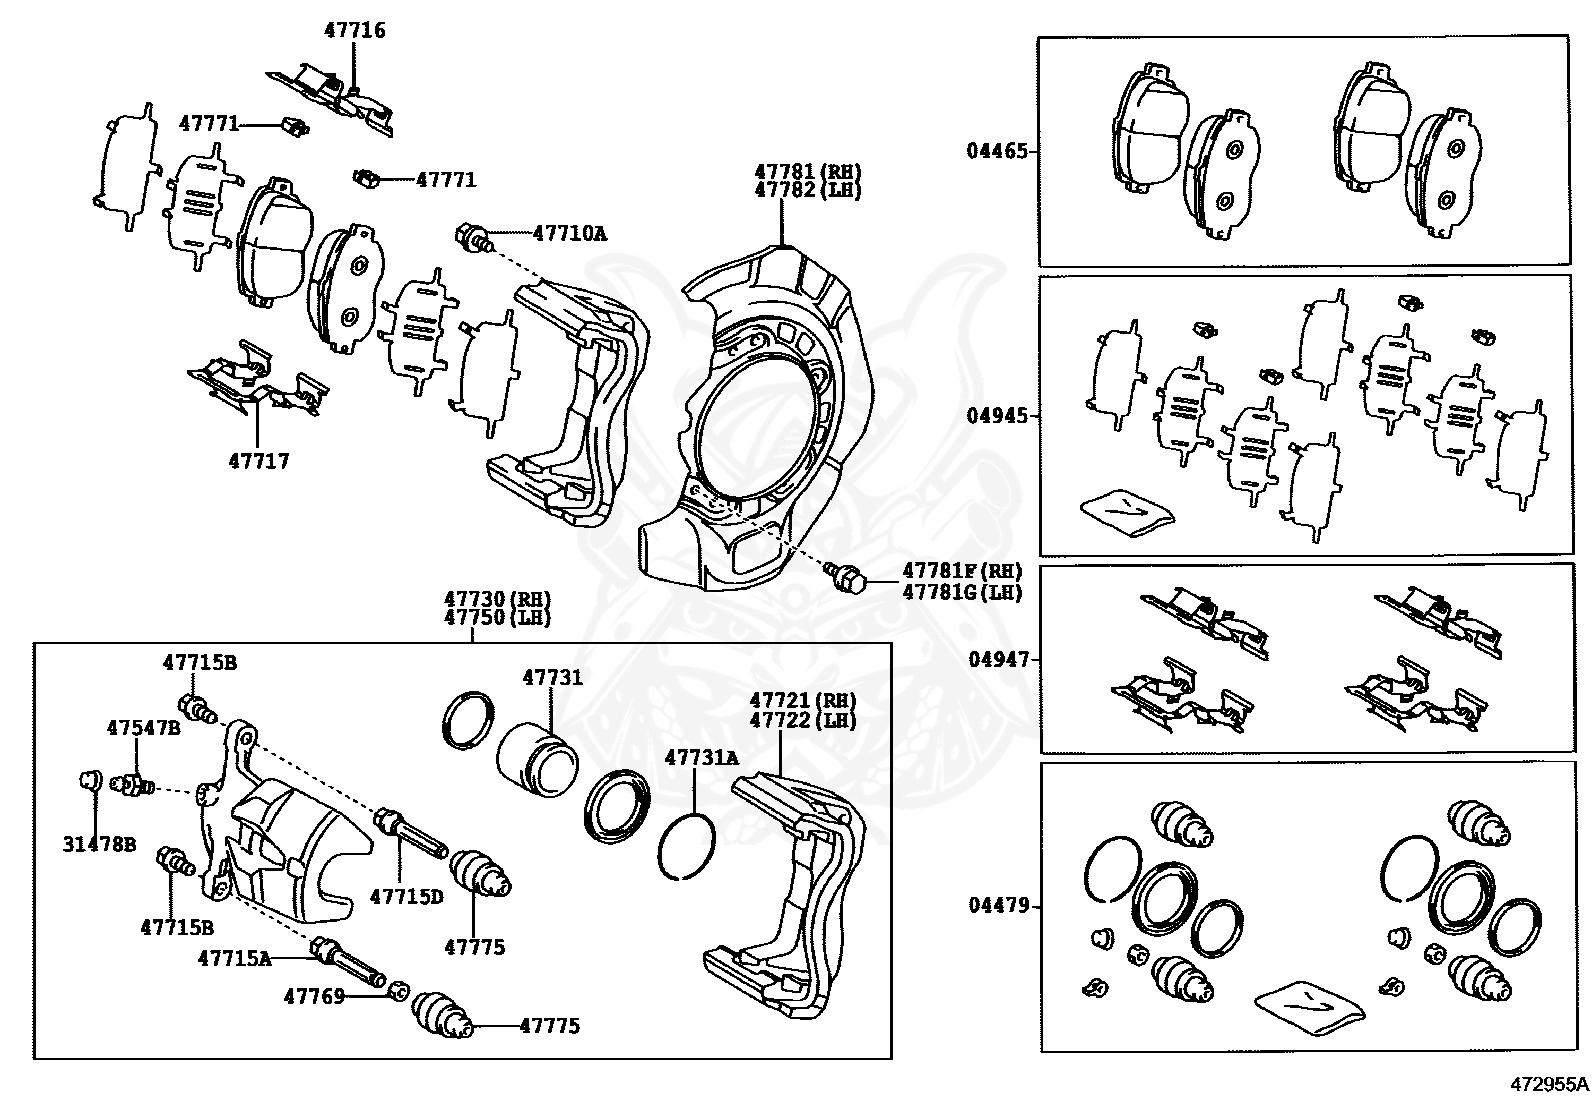 DISC BRAKE FRONT Toyota 04465-65021 PAD KIT